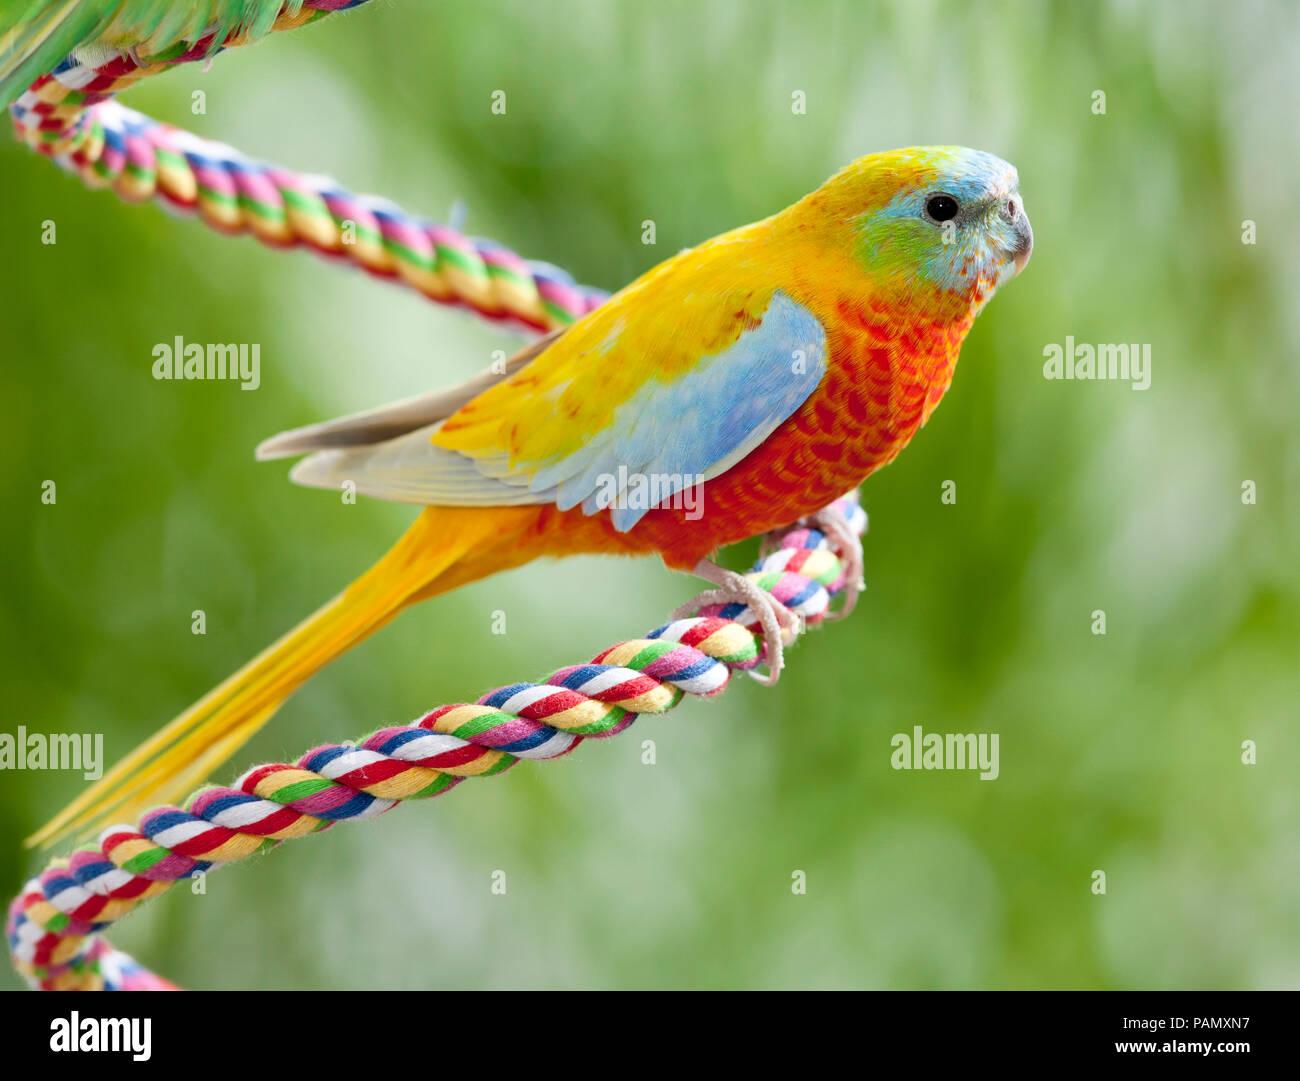 Turquoise Parrot (Neophema pulchella). Pájaro adulto posado sobre una cuerda. Alemania. Imagen De Stock